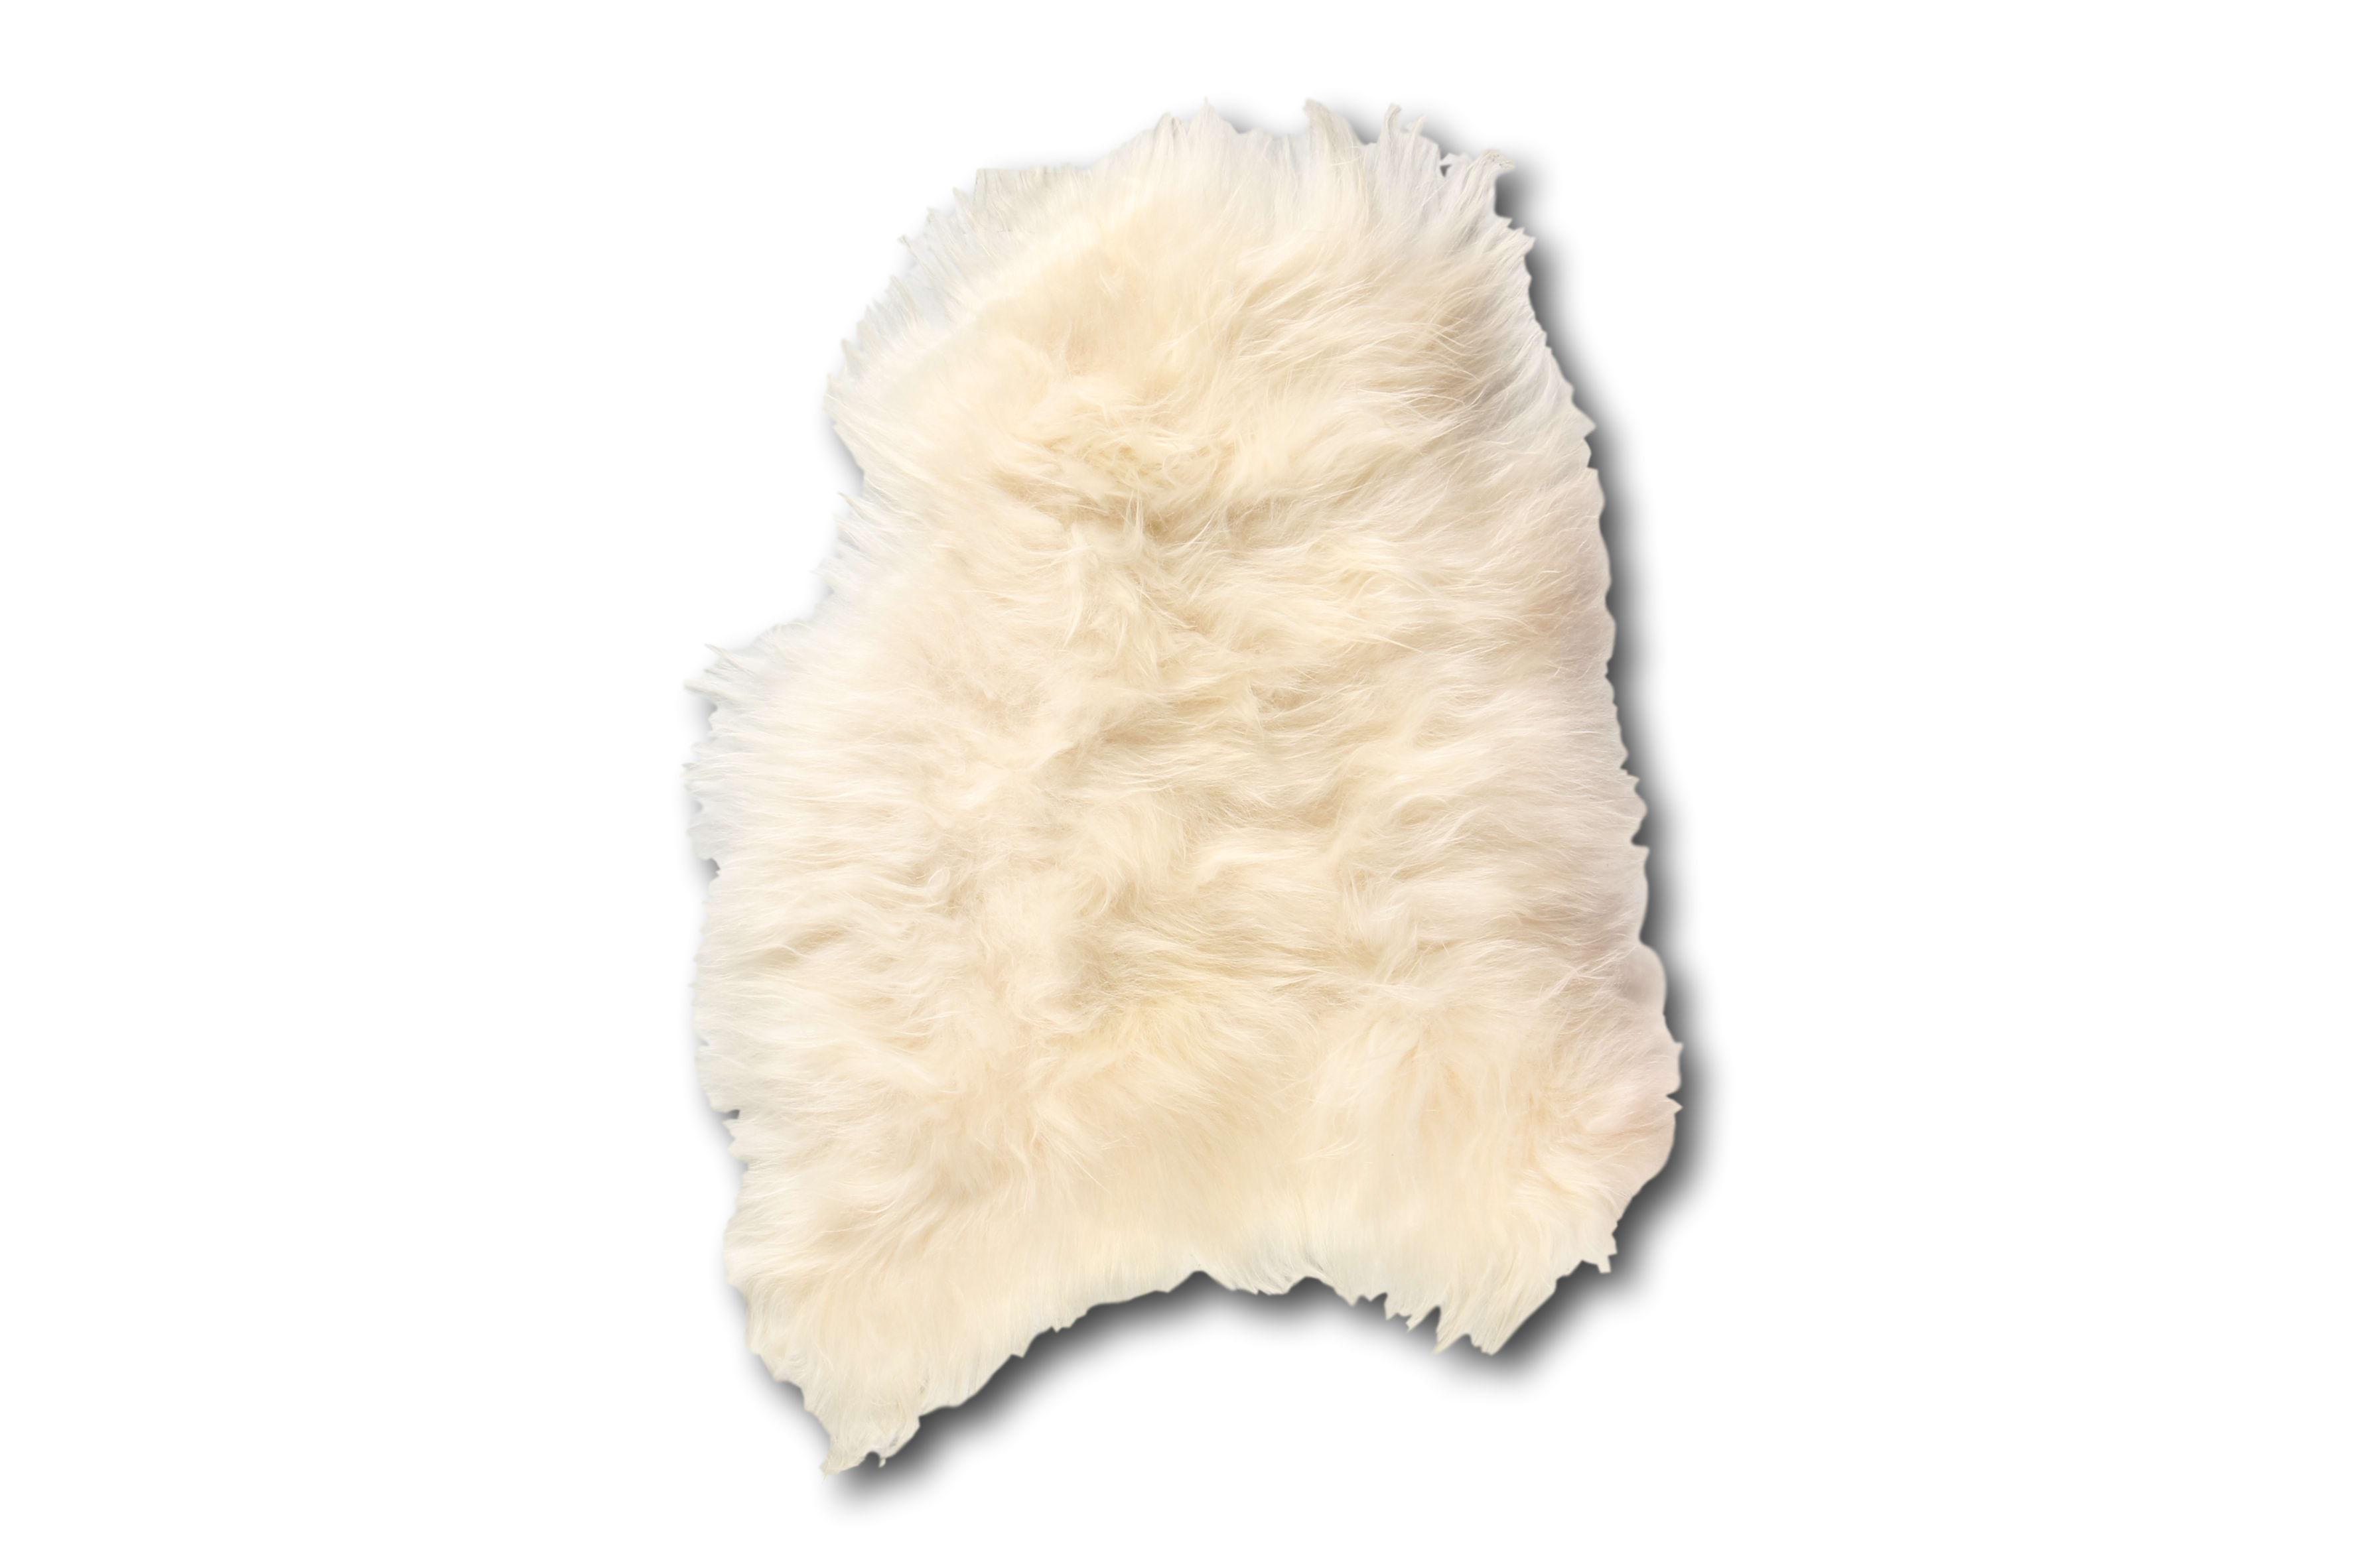 Esbeco Tapis en peau de mouton islandais blanc 90x60